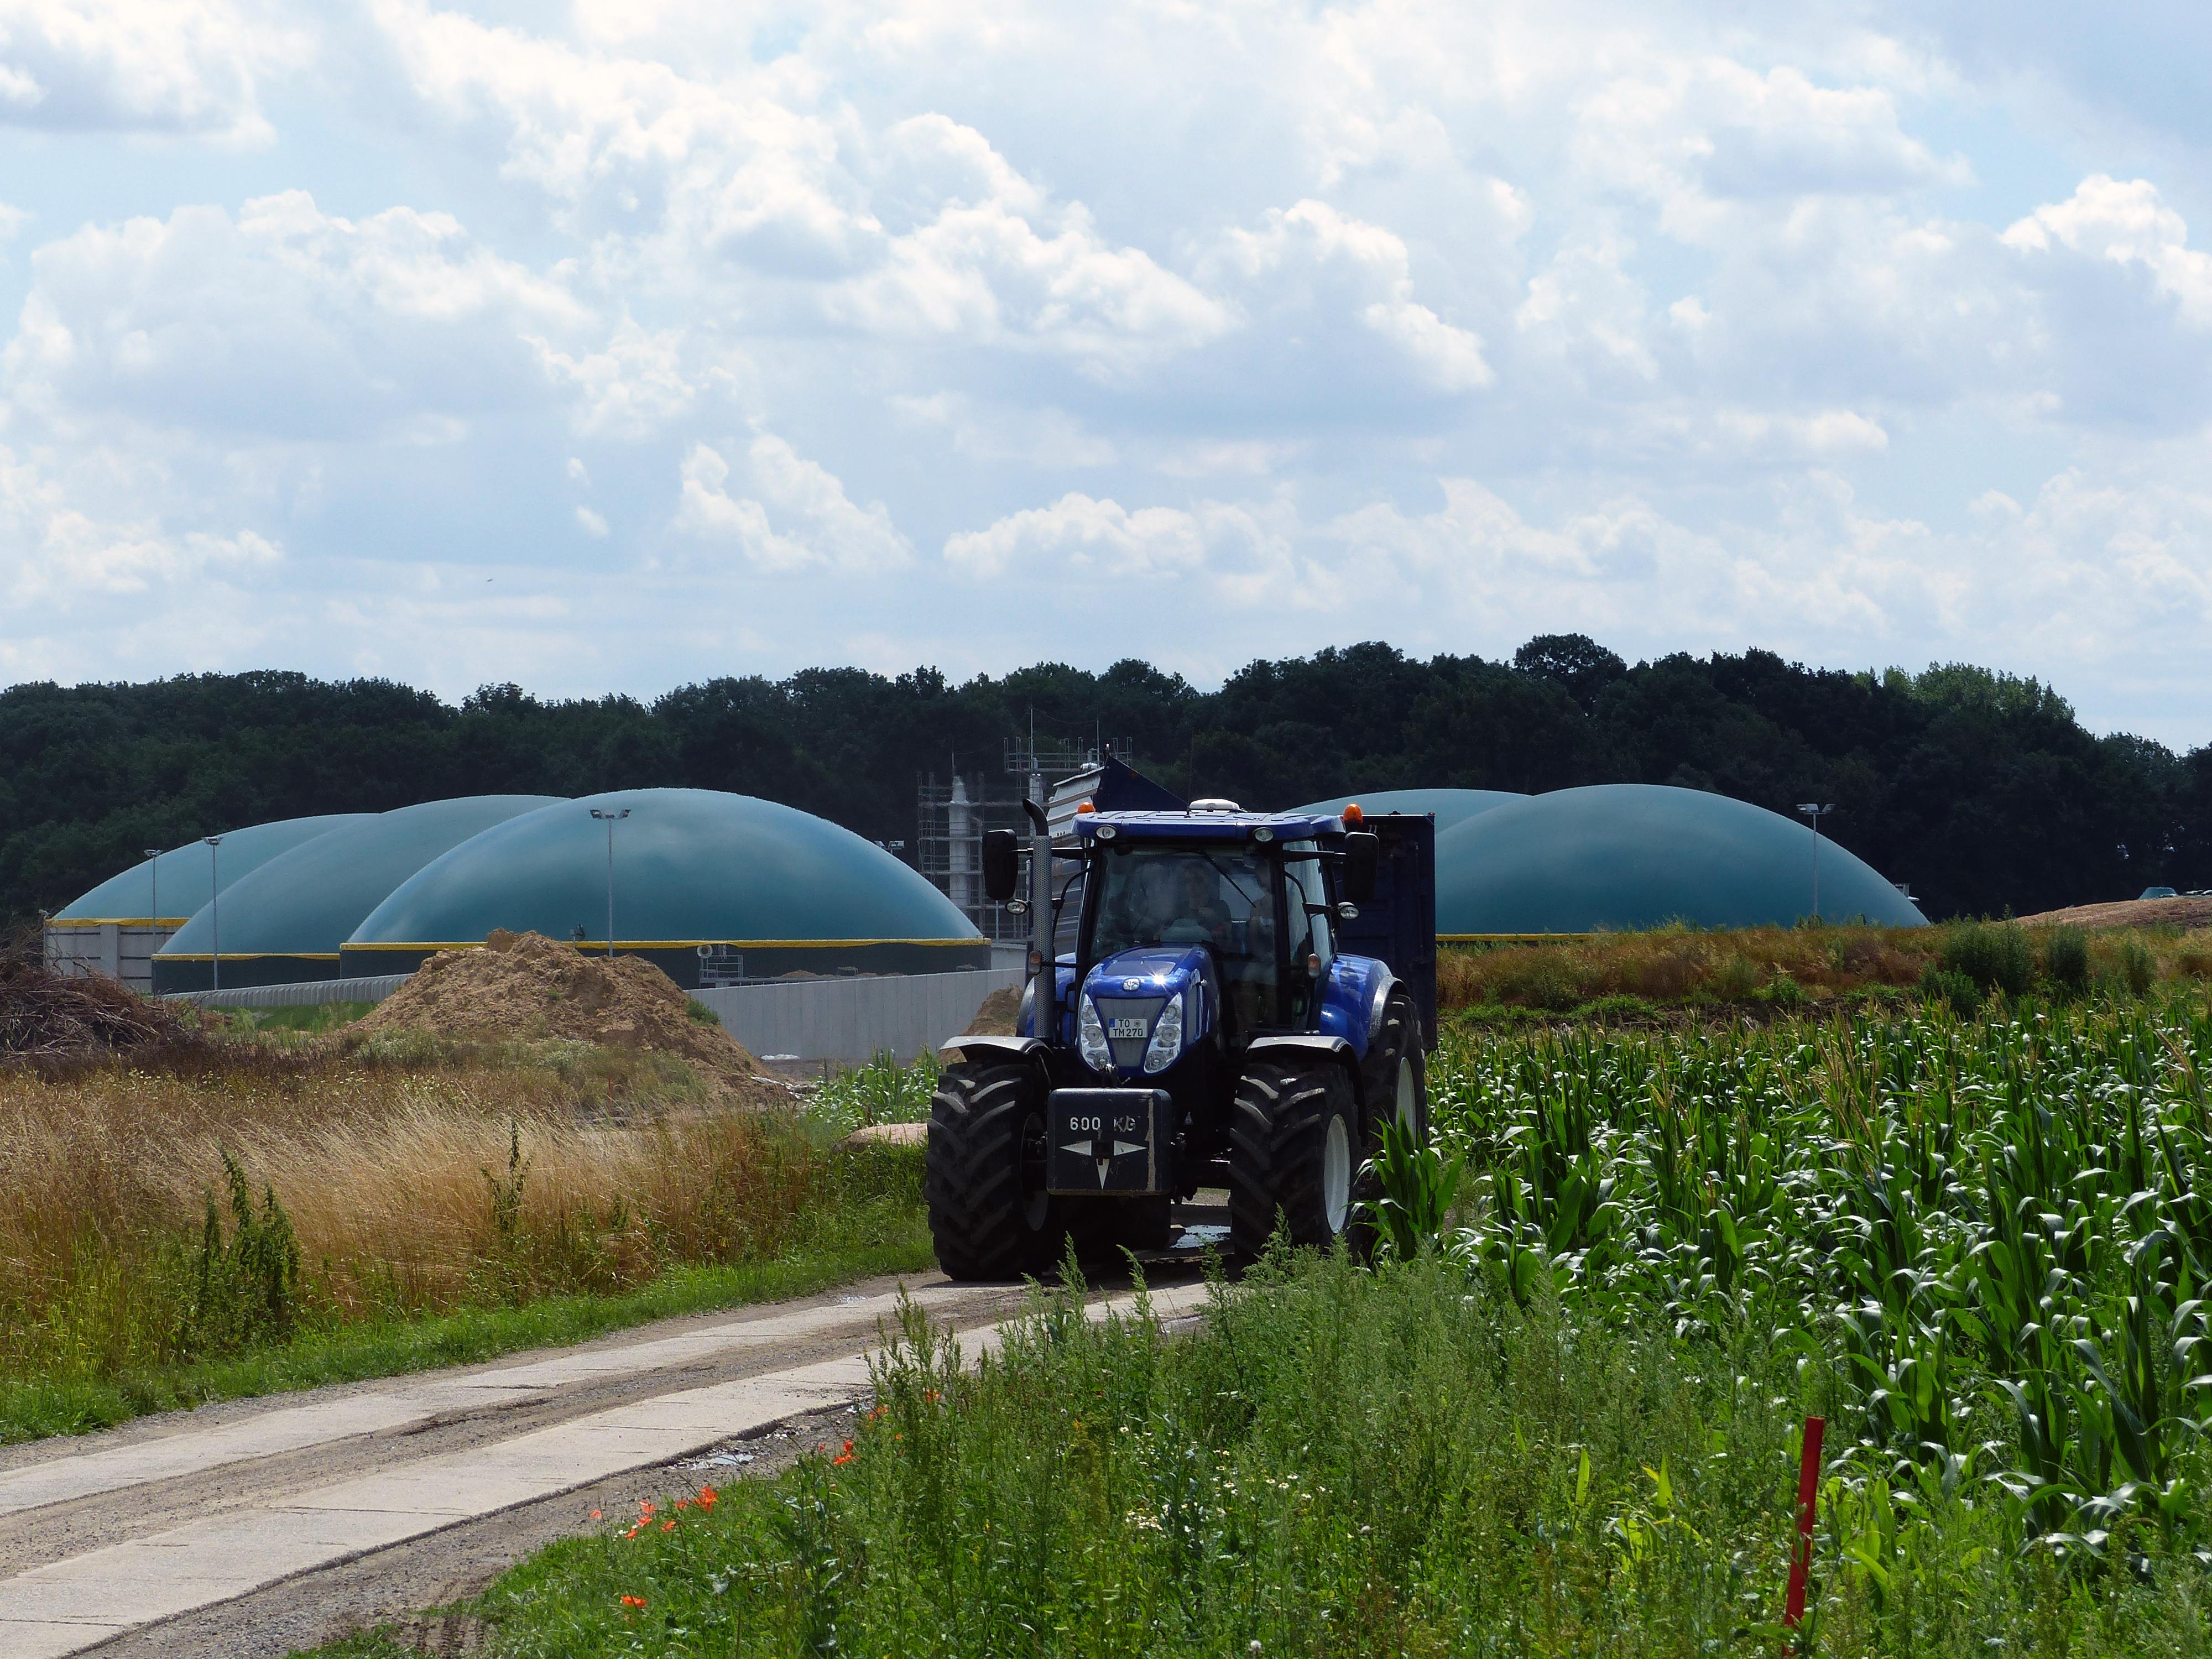 """Die UDI-Gruppe sammelt mit """"UDI Sprint Festzins IV"""" Anlegerkapital. ALs Investment kommen unter anderem Bioenergieanlagen in Frage. / Foto: UDI"""